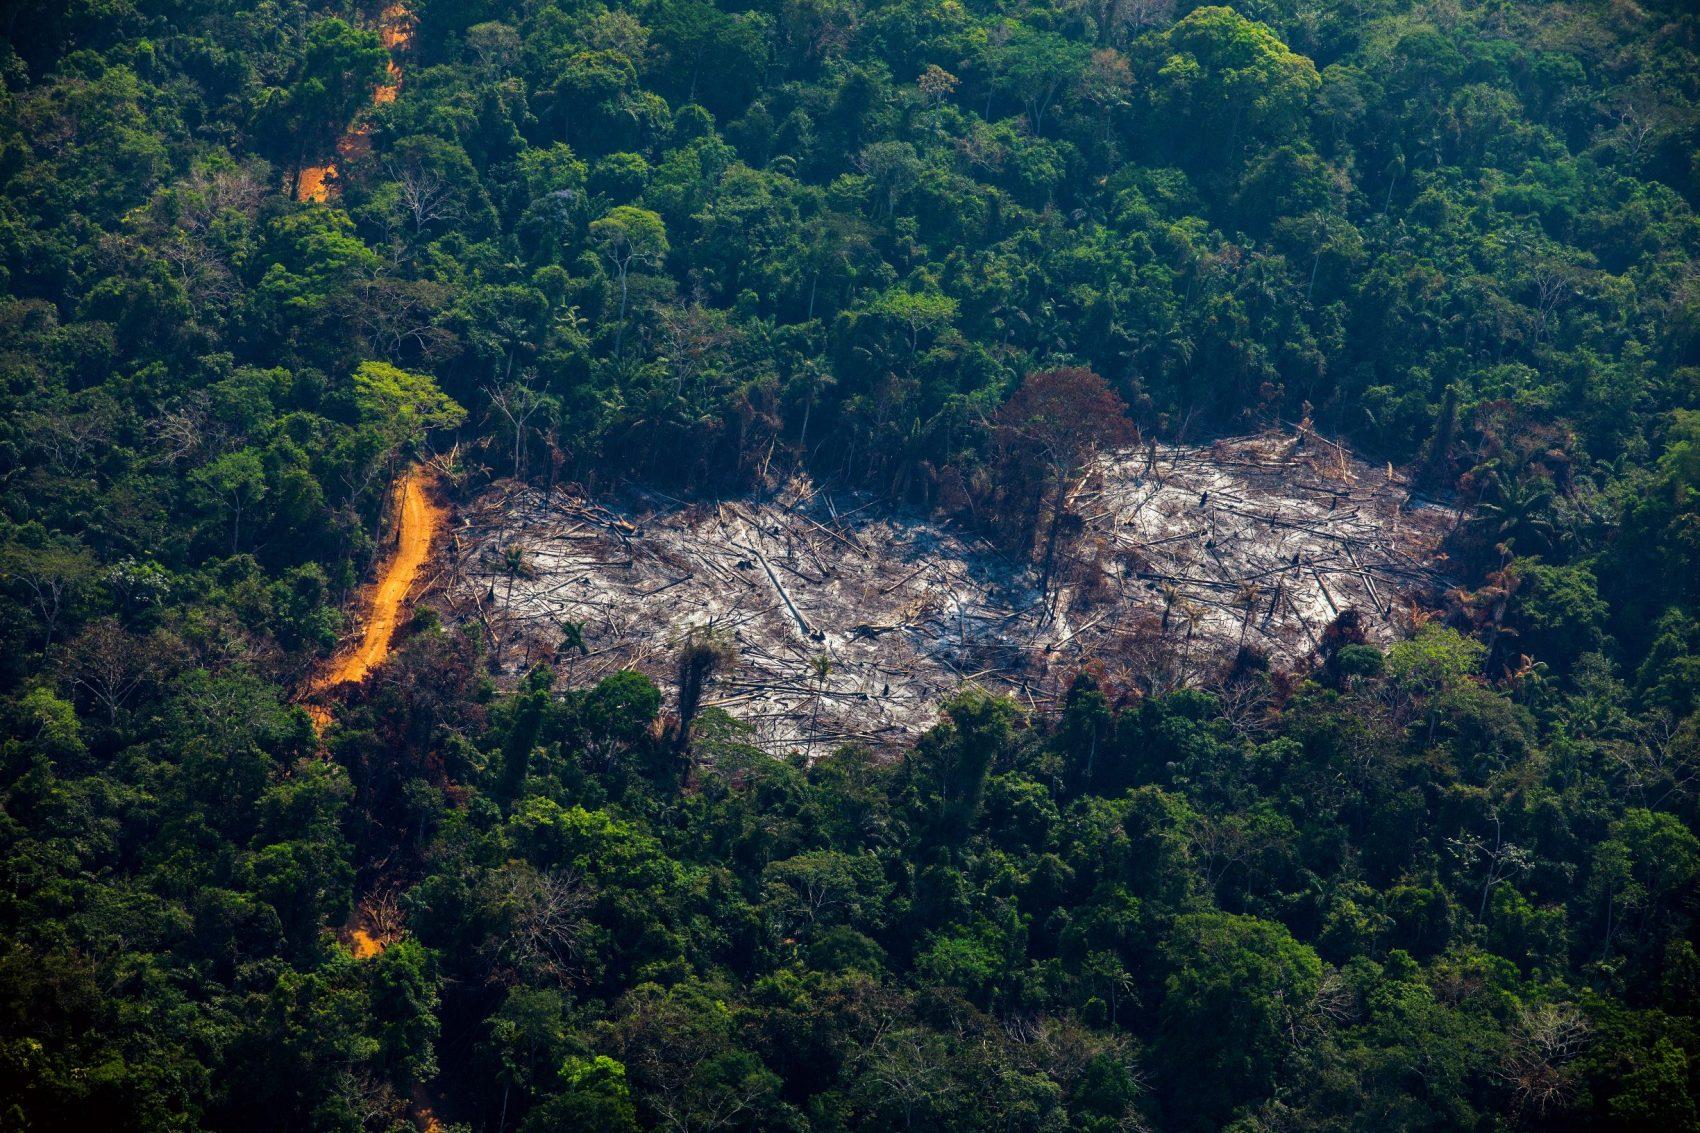 Área desmatada em Altamira, no Pará, estado líder em emissões de gases do efeito estufa: relatório mostra desmatamento como vilão das emissões (Foto: João Laet/AFP)